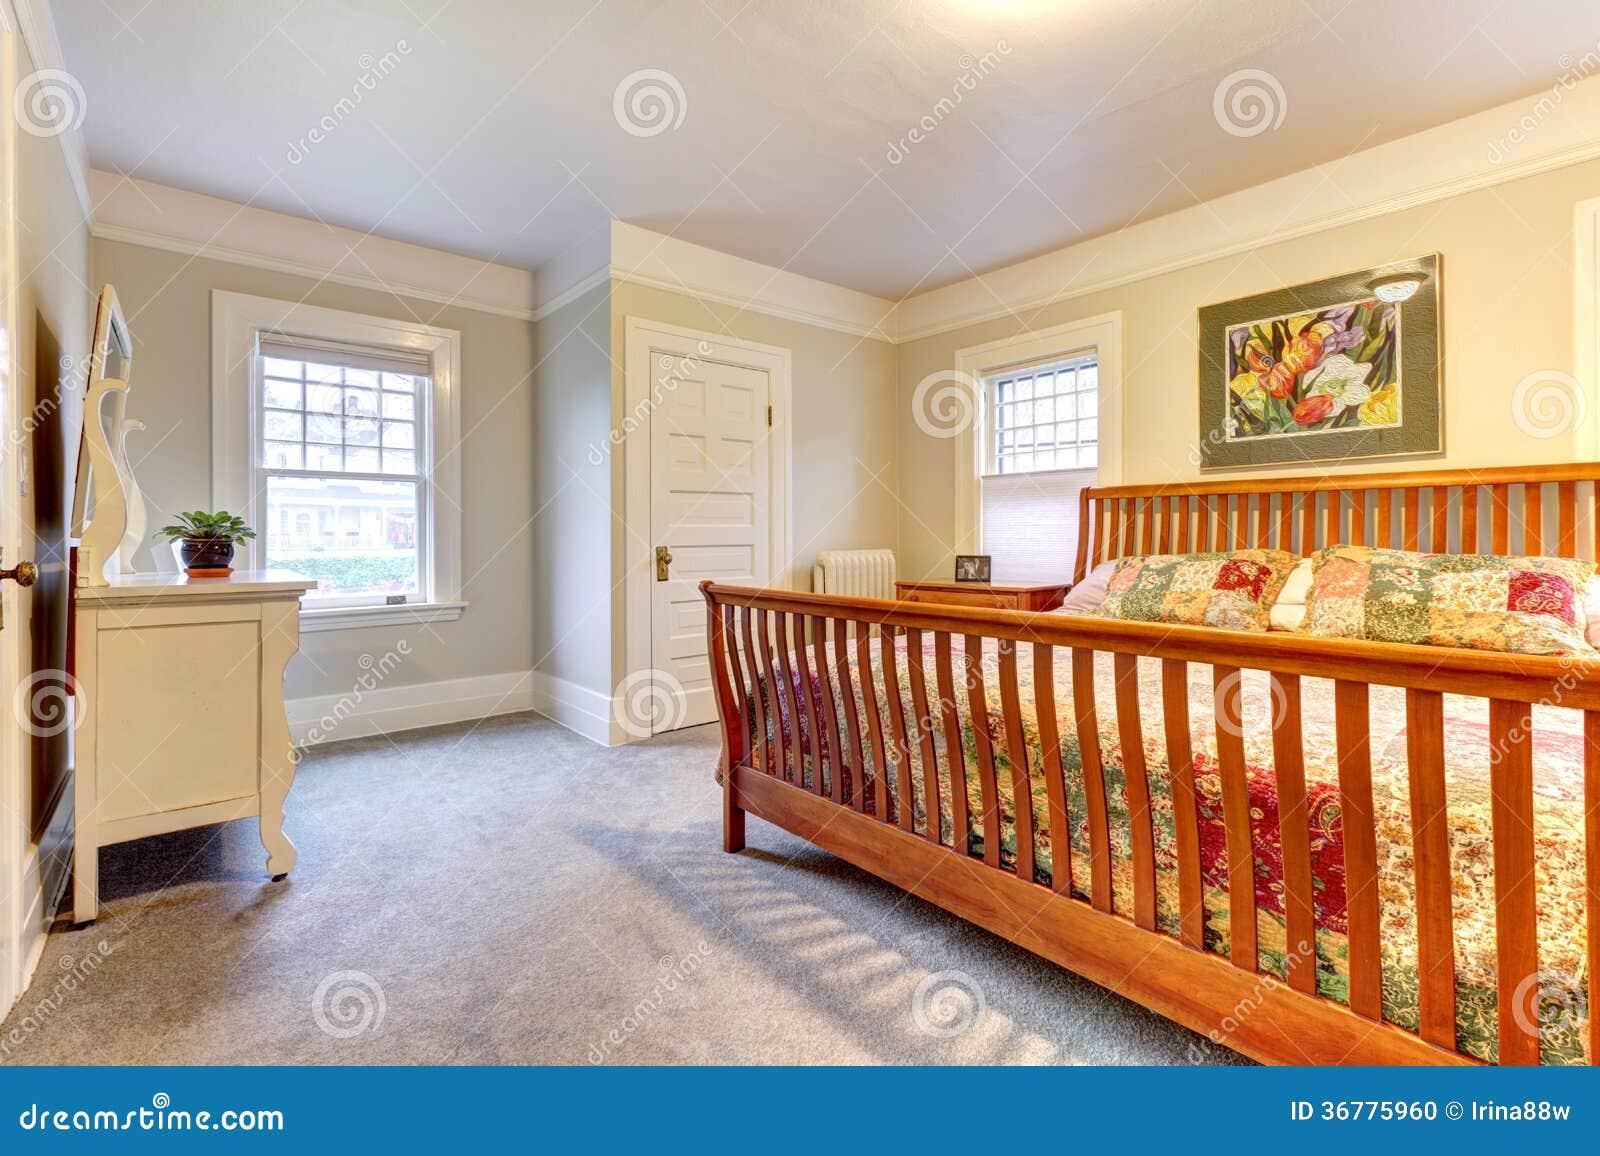 Grande camera da letto accogliente leggera fotografia - Camera da letto grande ...